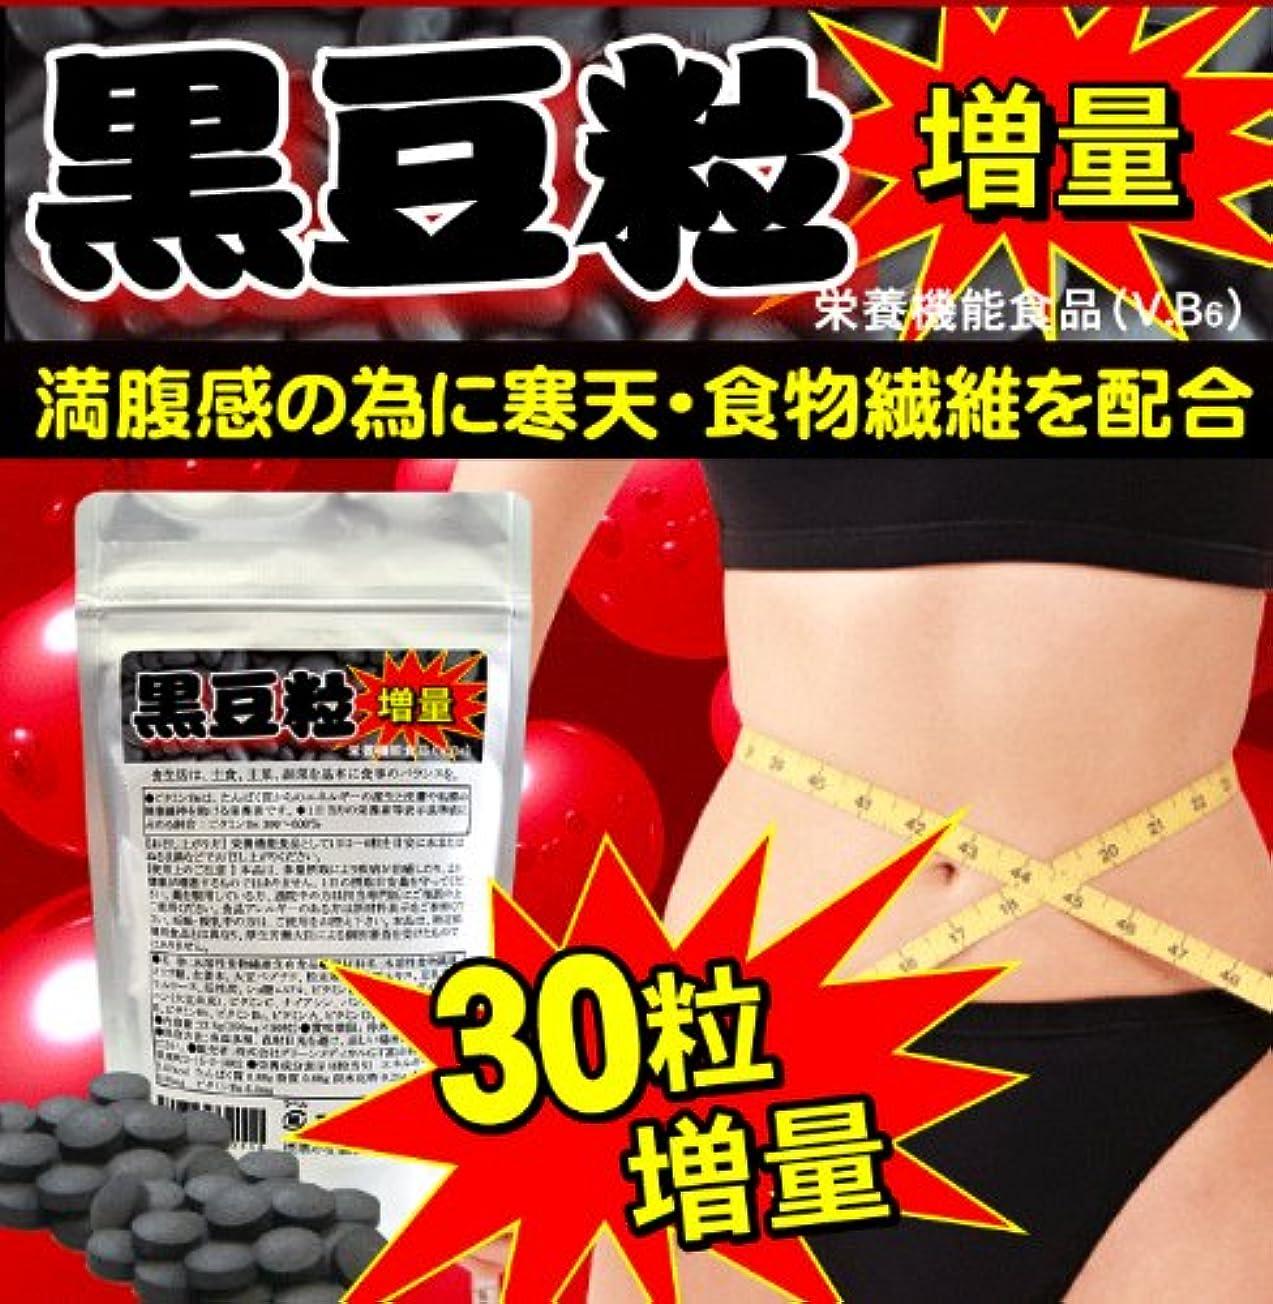 突然の防衛インターネット黒豆粒増量(黒豆ダイエットサプリ)